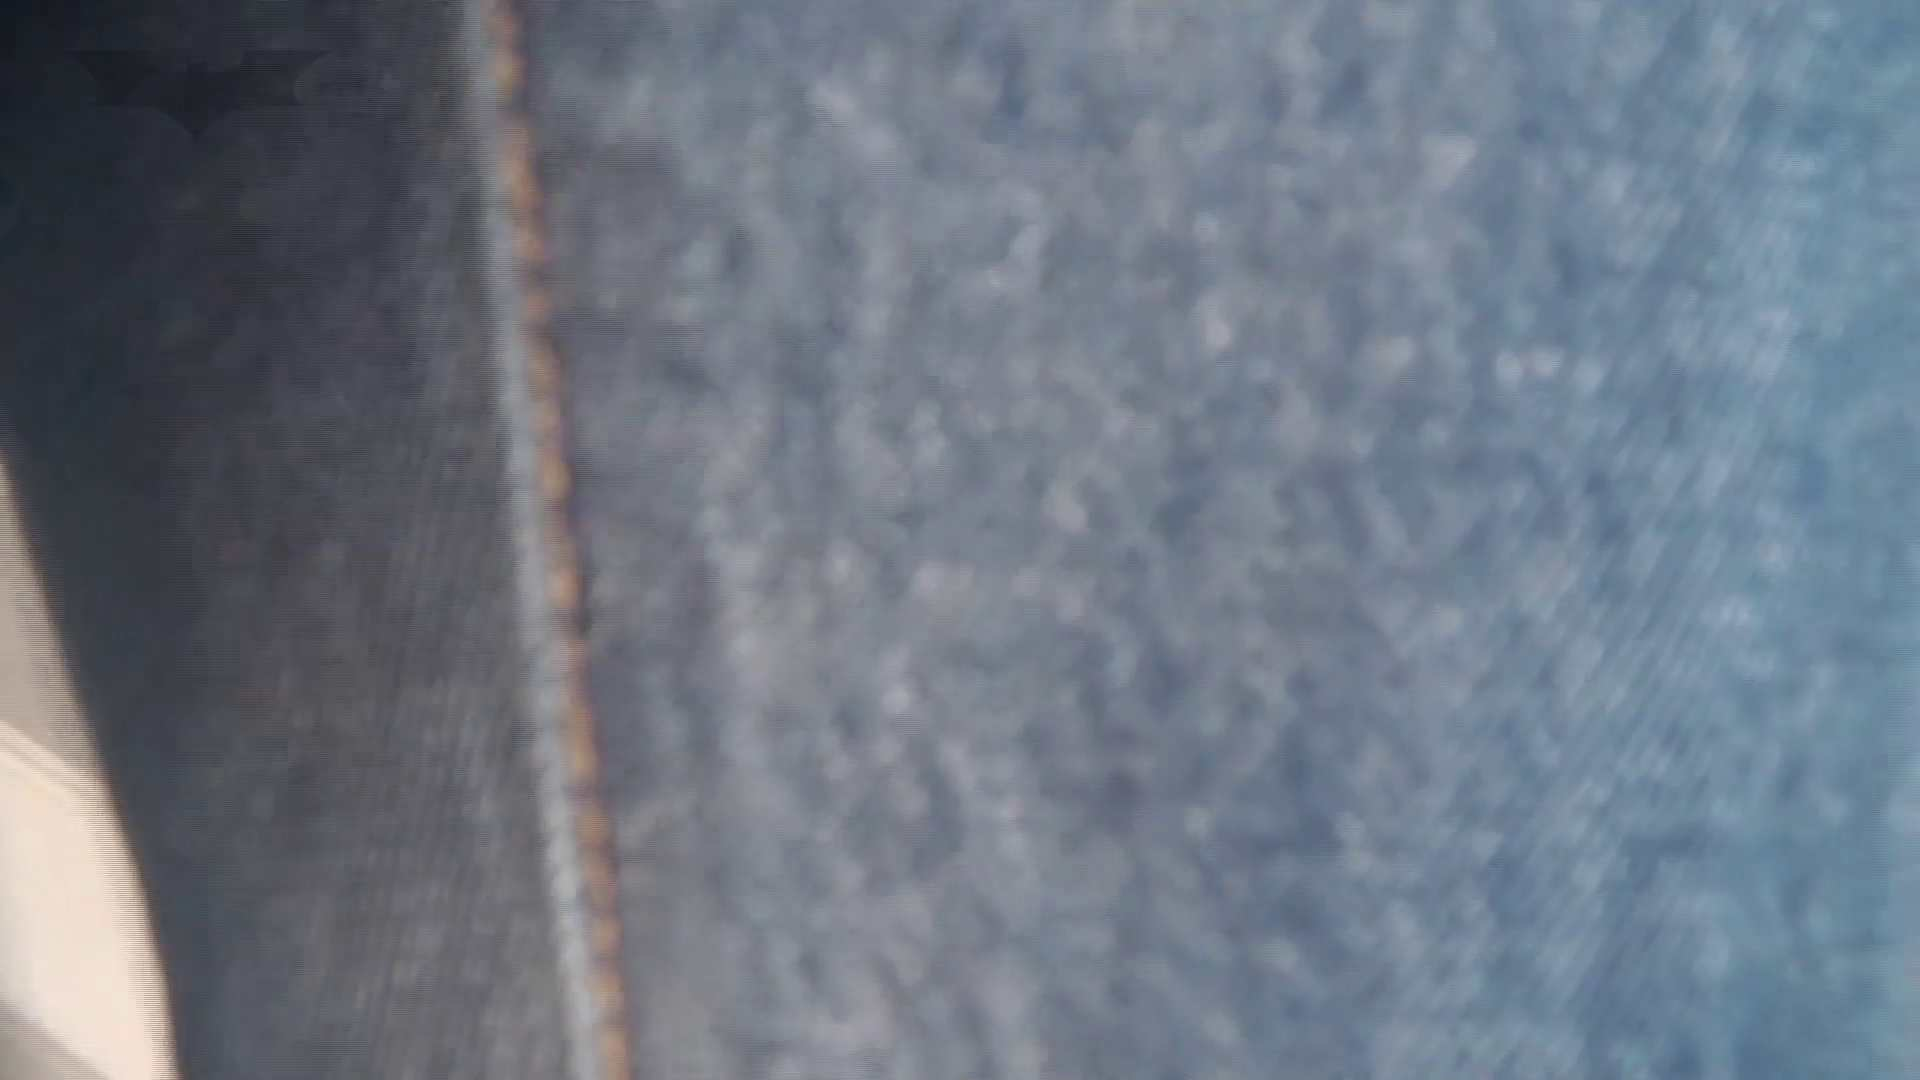 おまんこ丸見え 潜入!!台湾名門女学院 Vol.05 15センチ以上の濃厚糸を垂らしながら爽快 怪盗ジョーカー